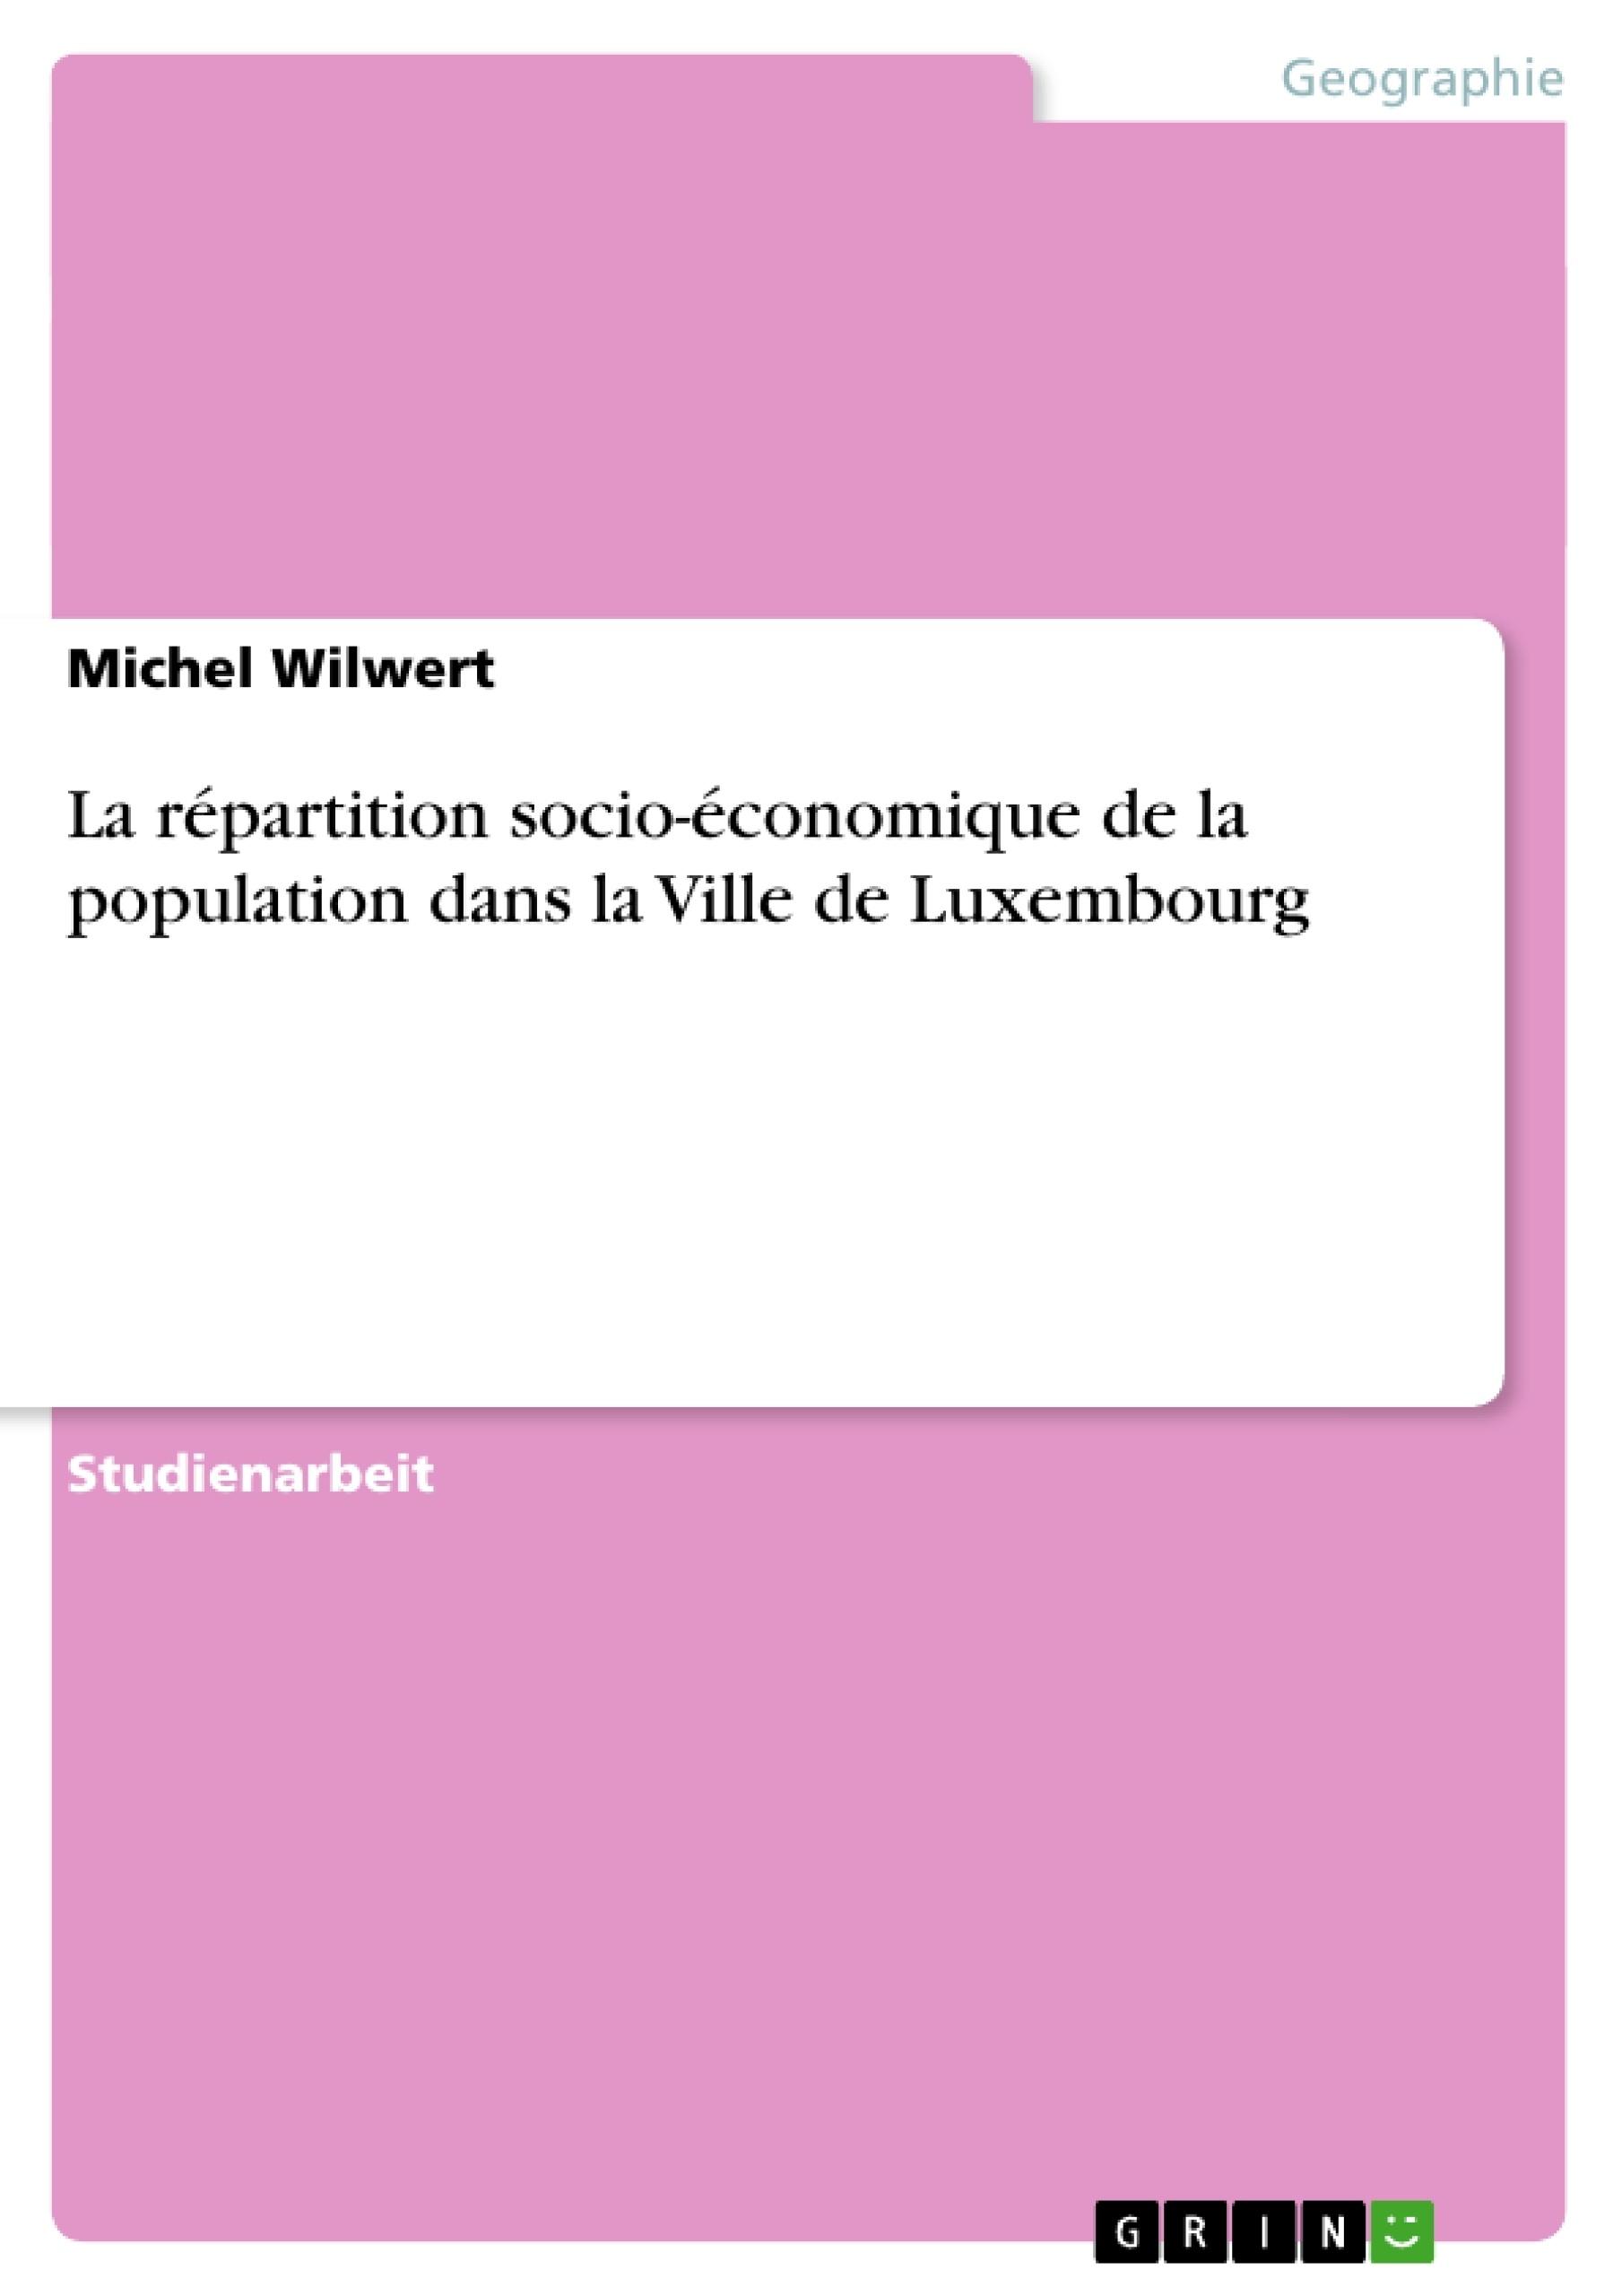 Titel: La répartition socio-économique de la population dans la Ville de Luxembourg